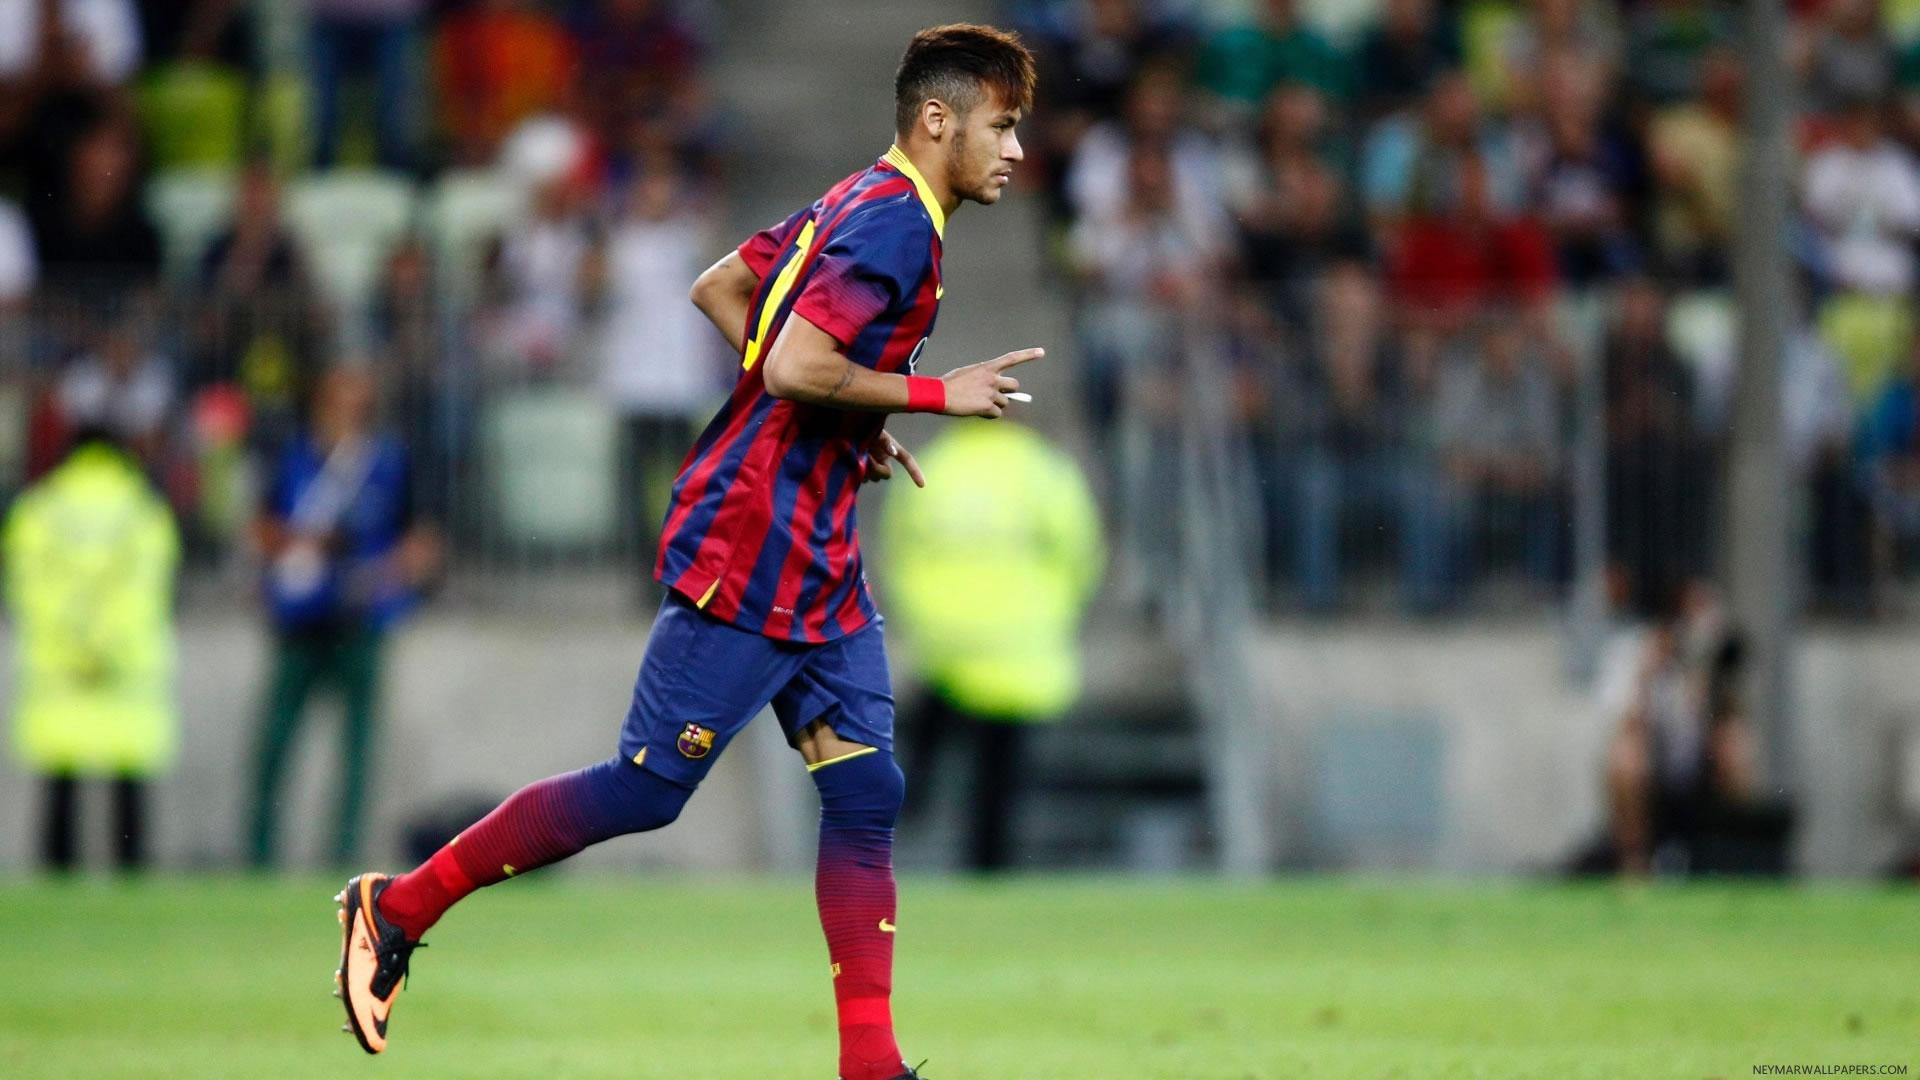 Neymar running wallpaper